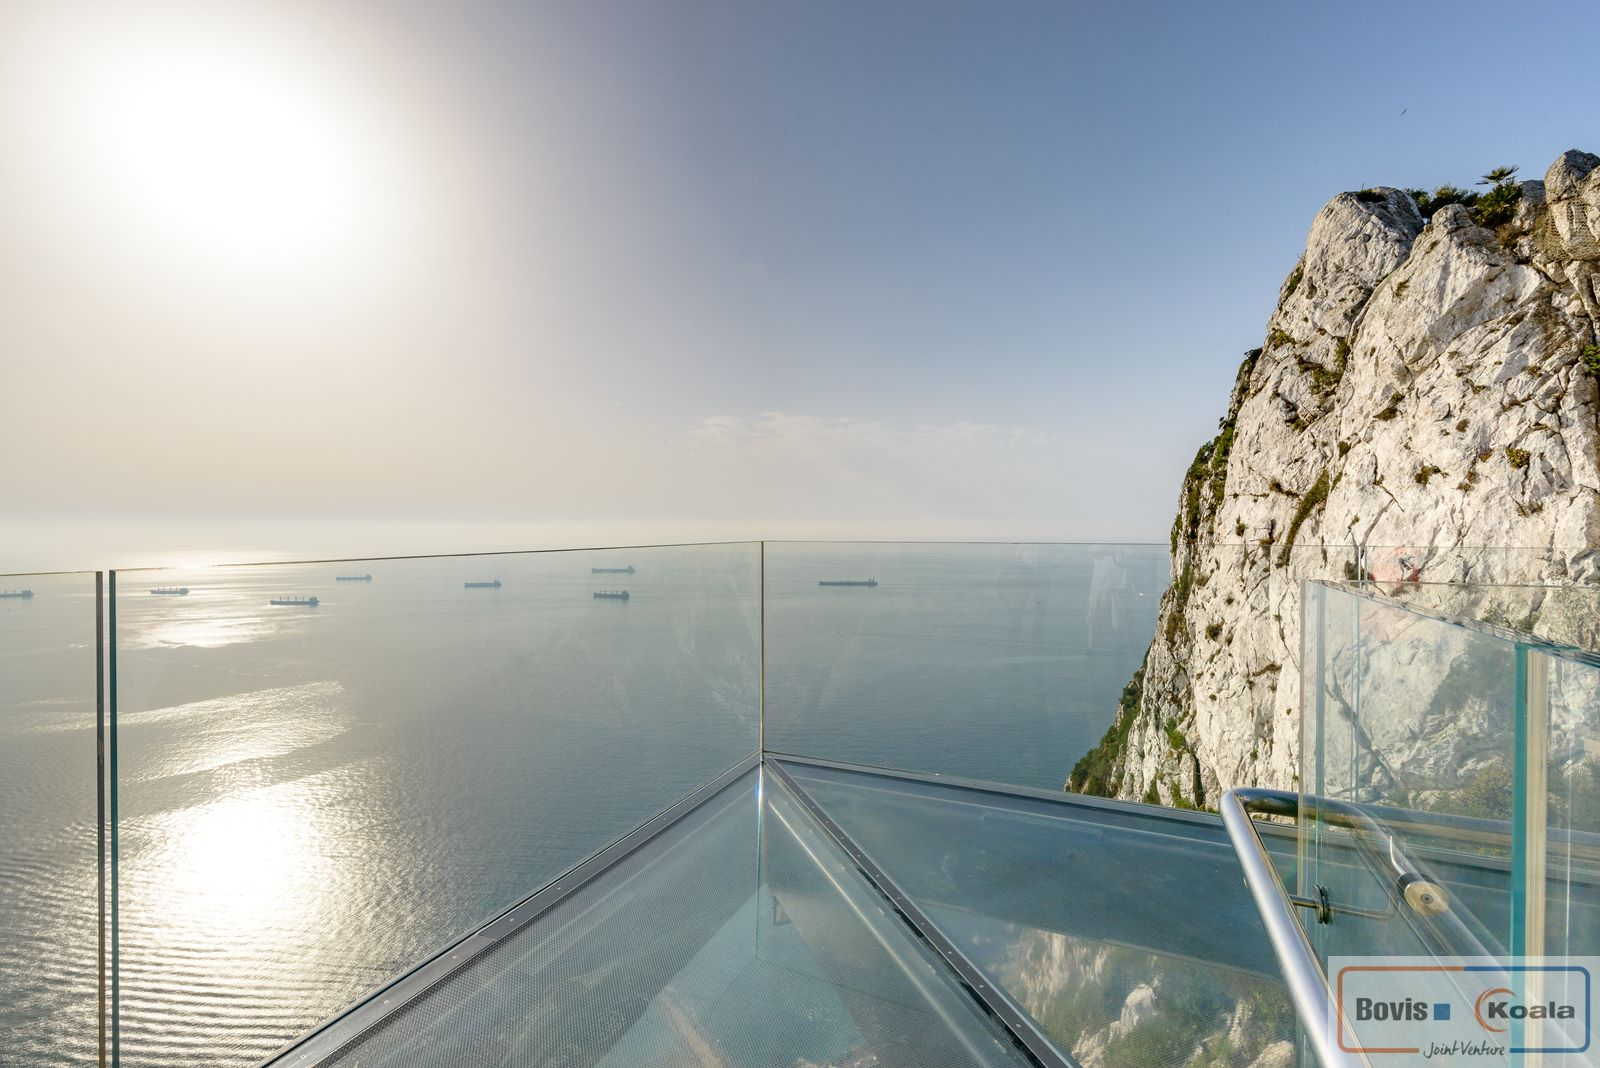 Skywalk Gibraltar Bovis Koala Jv Gibraltar